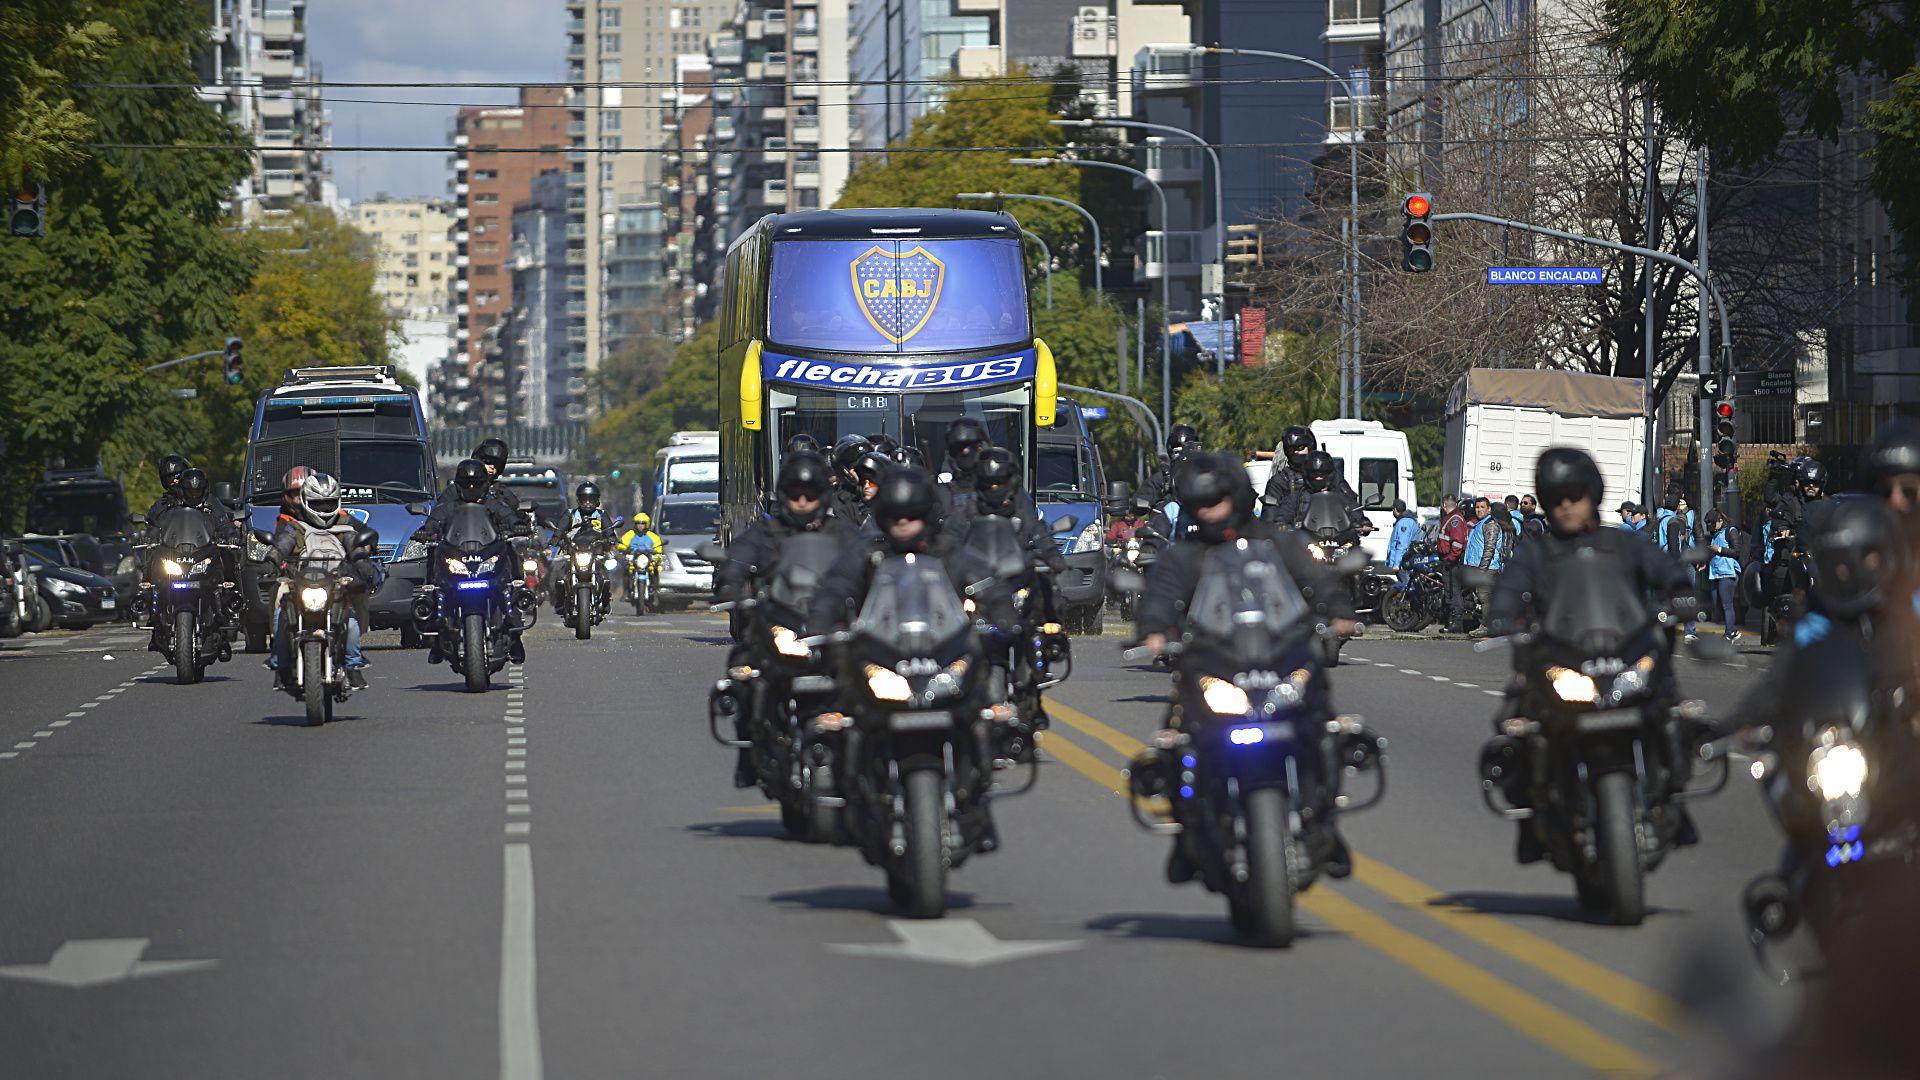 Para el cotejo se decidió cambiar el recorrido del bus que transportaba al micro de Boca con la intención de que no se repita lo ocurrido el año pasado por la final de Libertadores